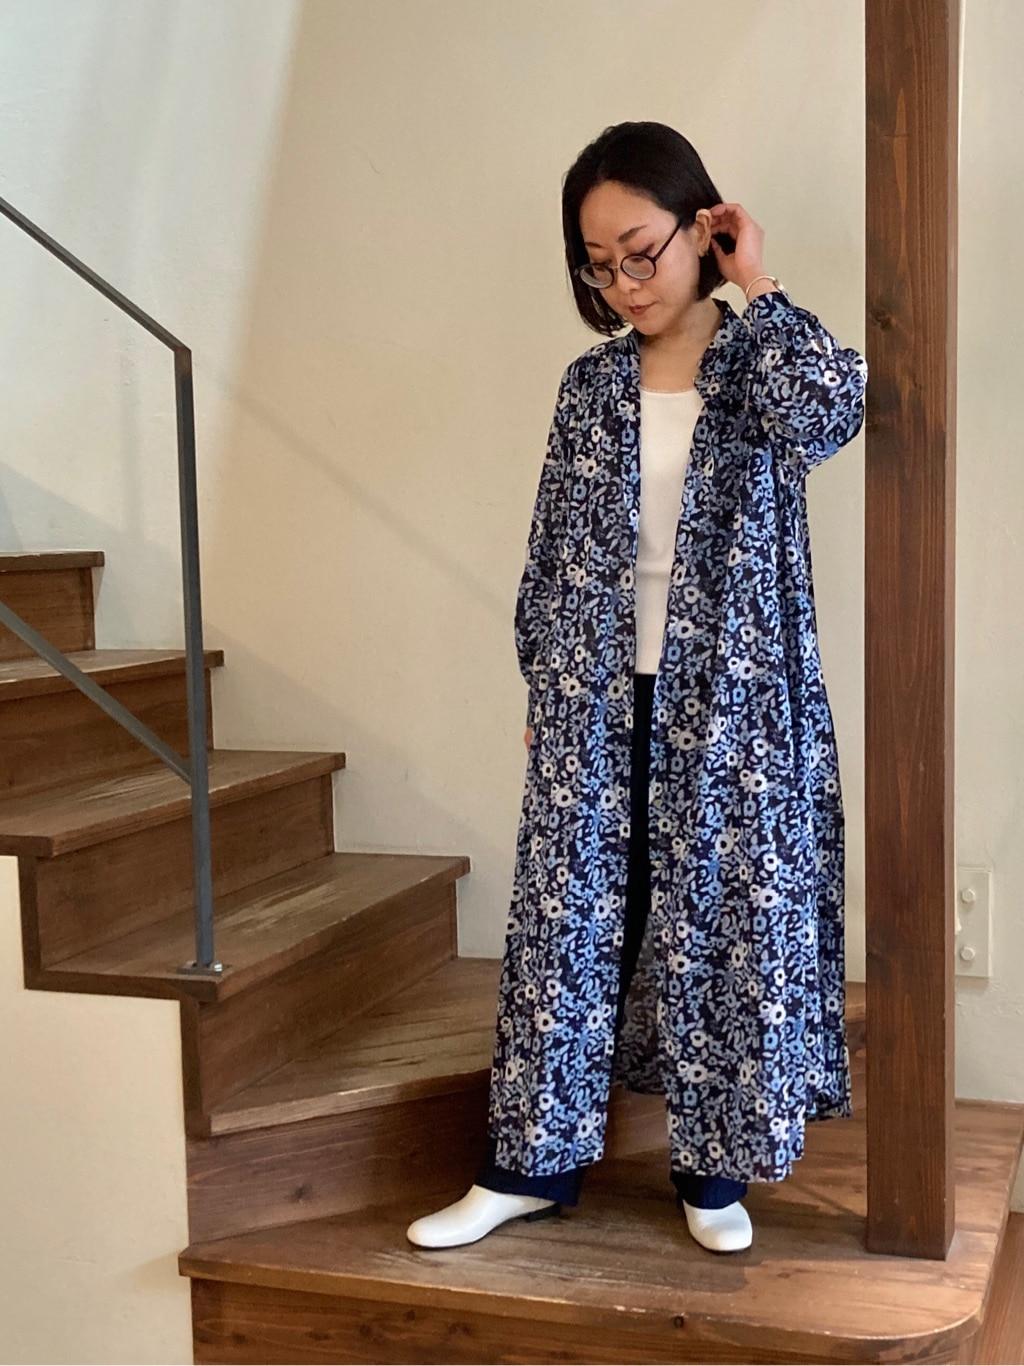 yuni 京都路面 身長:152cm 2021.04.05